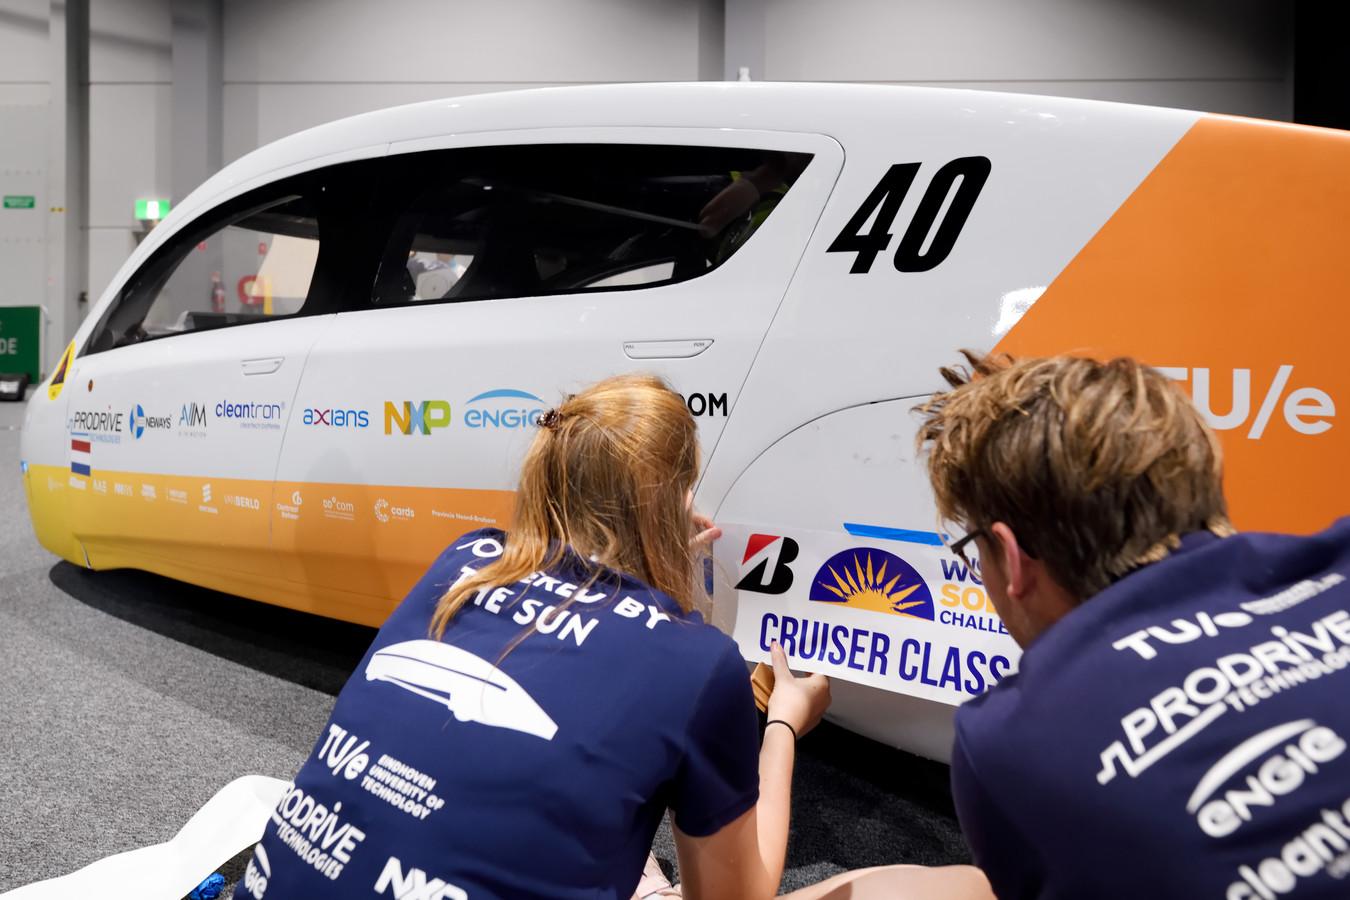 Stella Era, de nieuwe gezinsauto op zonne-energie van Solar Team Eindhoven, een multidisciplinair studententeam van de Technische Universiteit Eindhoven.